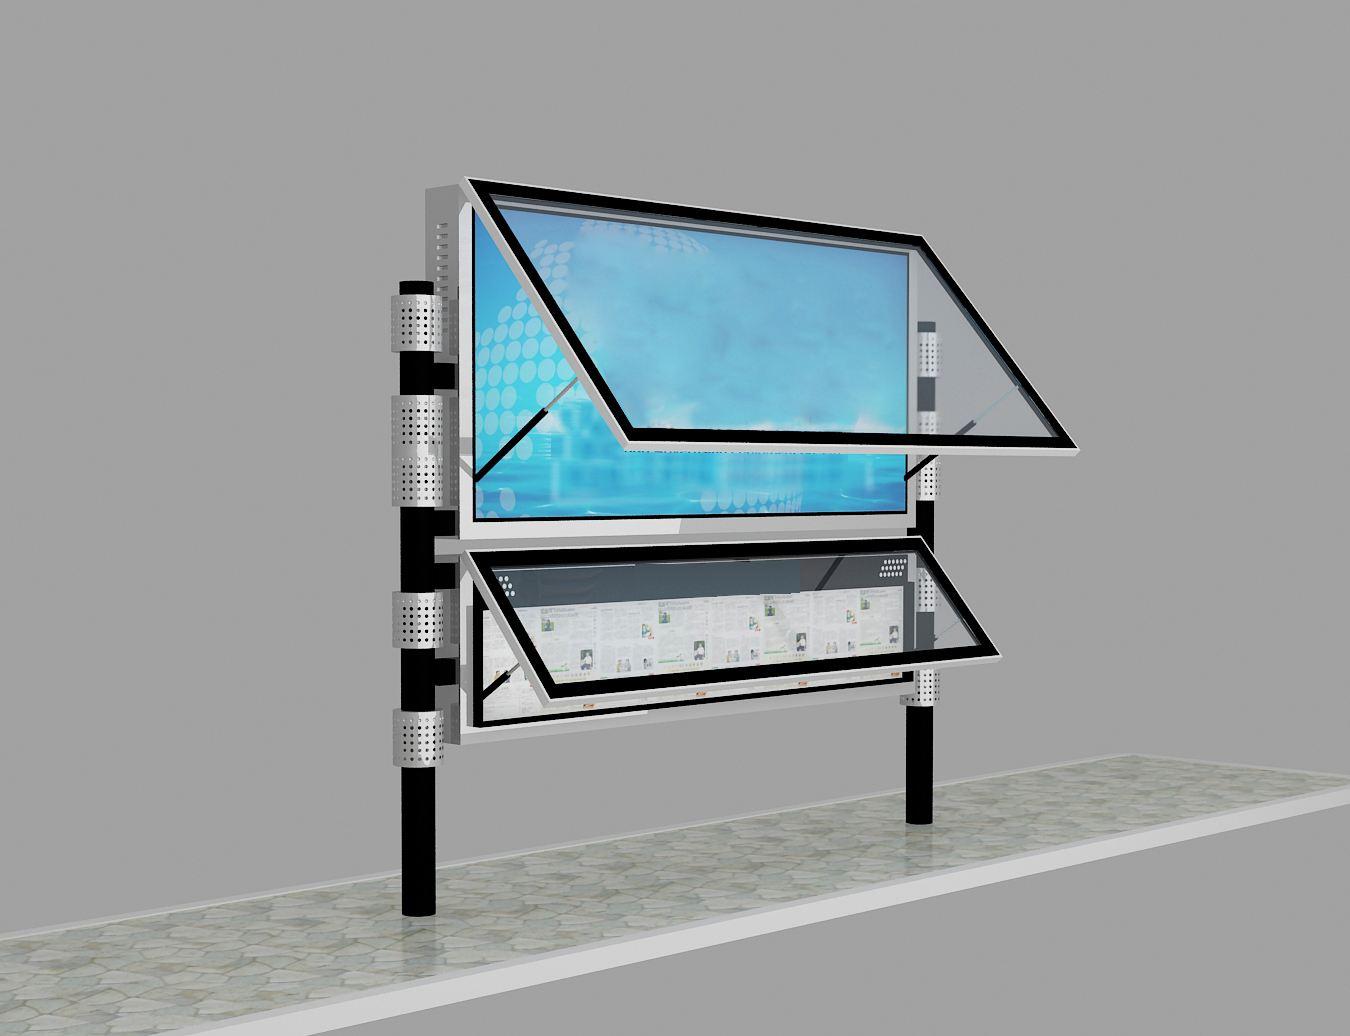 街道阅报栏灯箱生产厂家